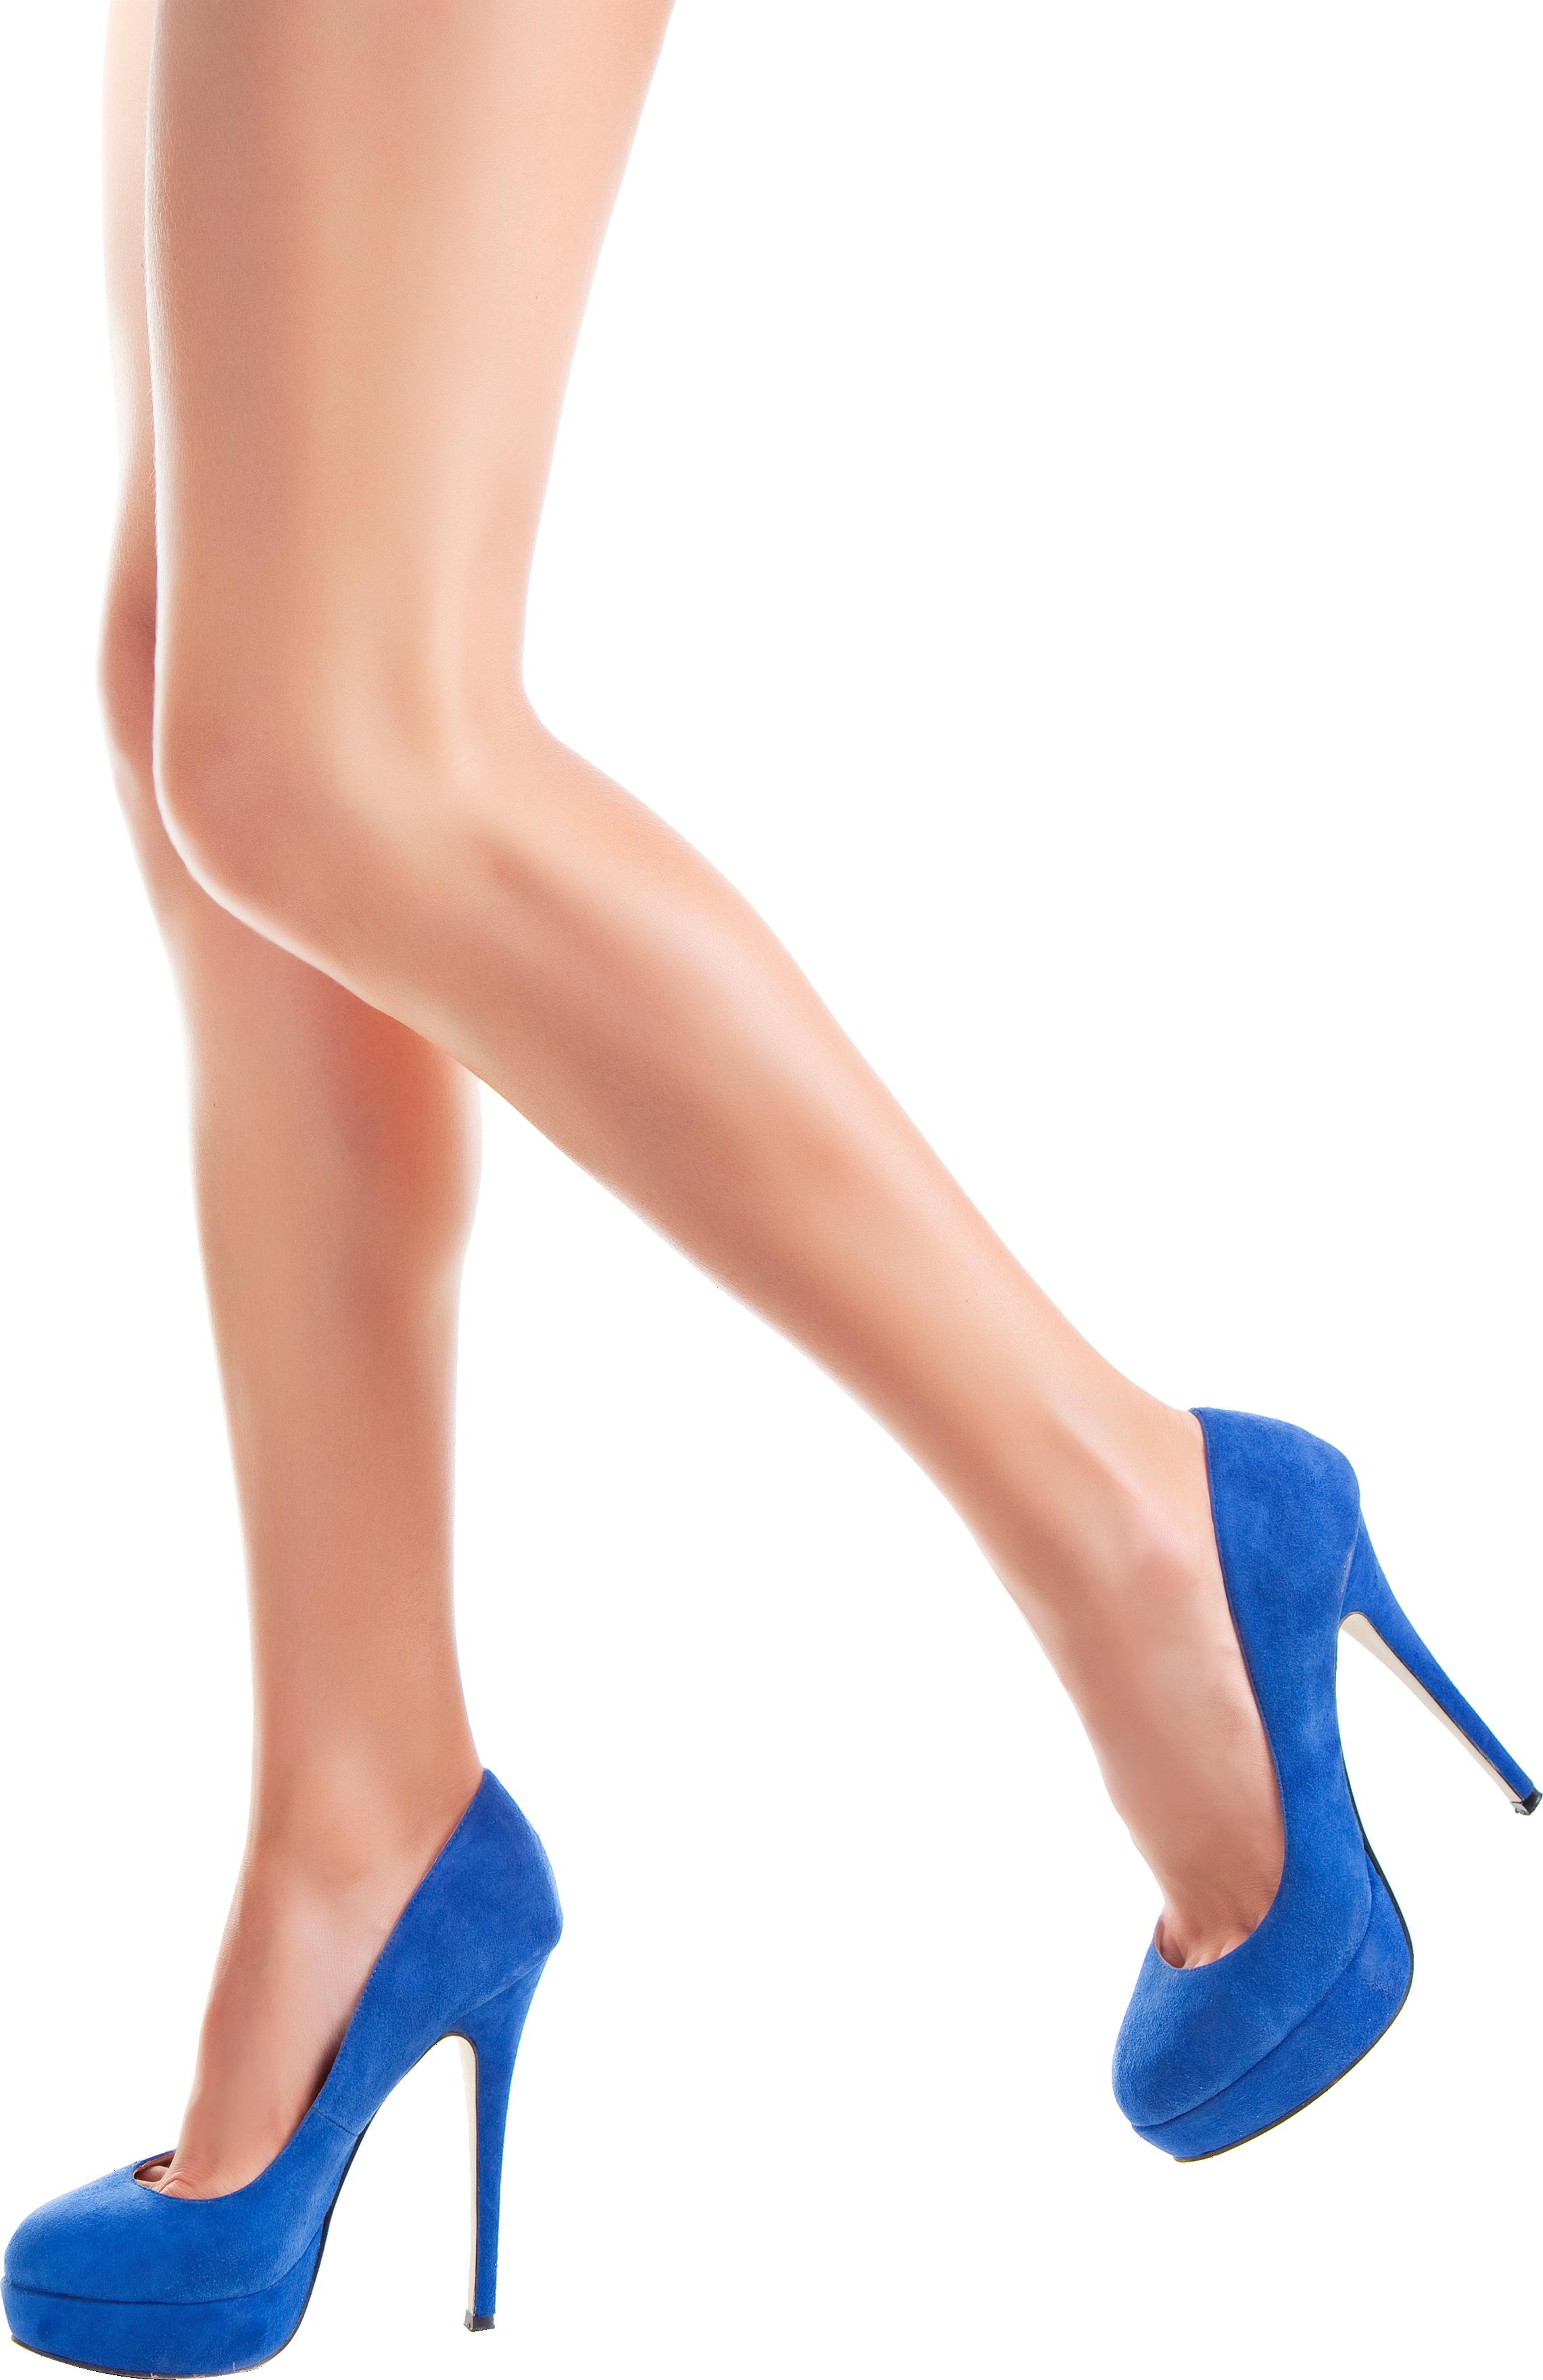 Women legs png image. Heels clipart body